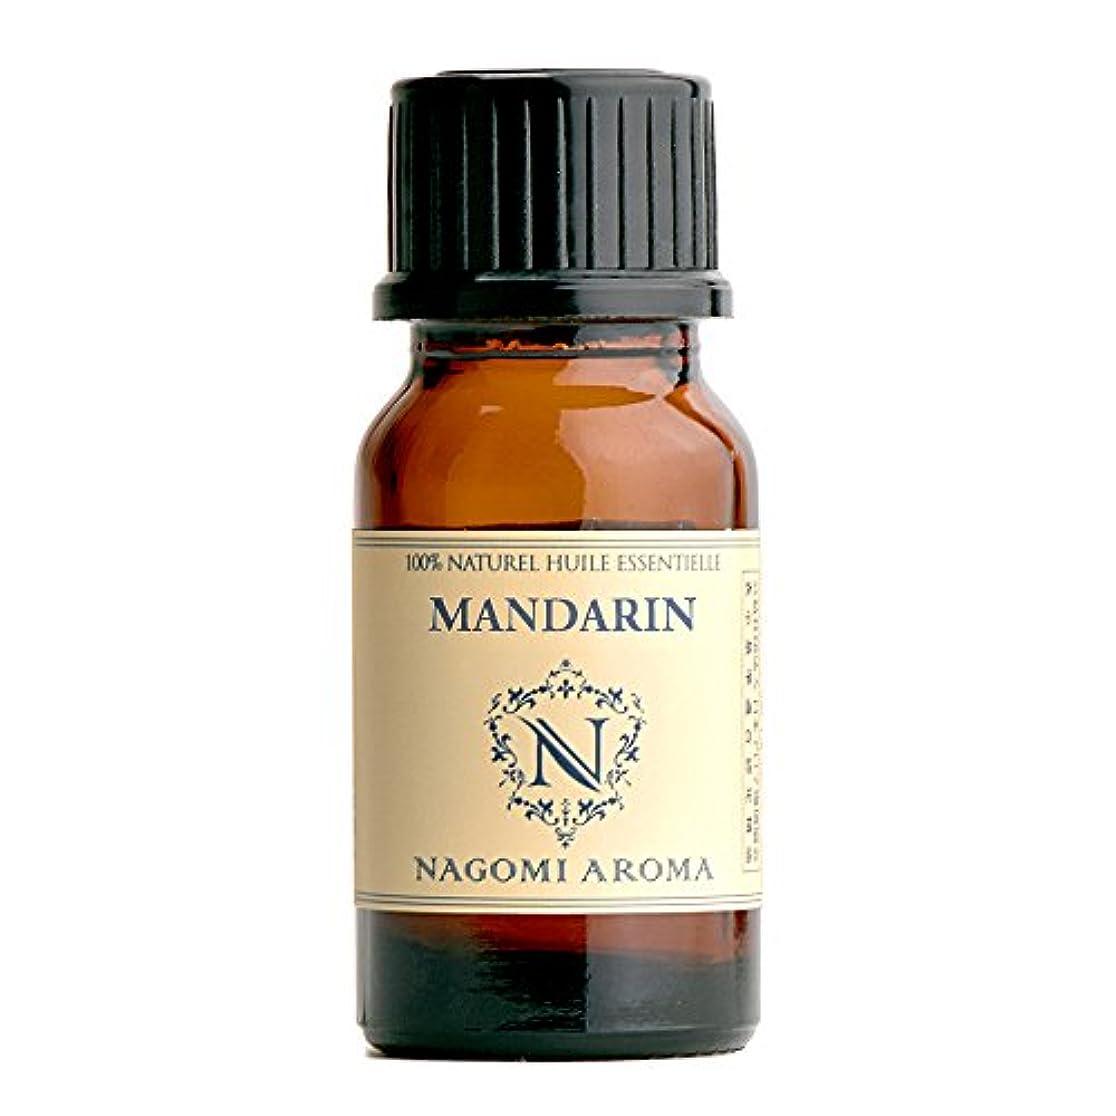 気味の悪い野生囲まれたNAGOMI AROMA マンダリン 10ml 【AEAJ認定精油】【アロマオイル】